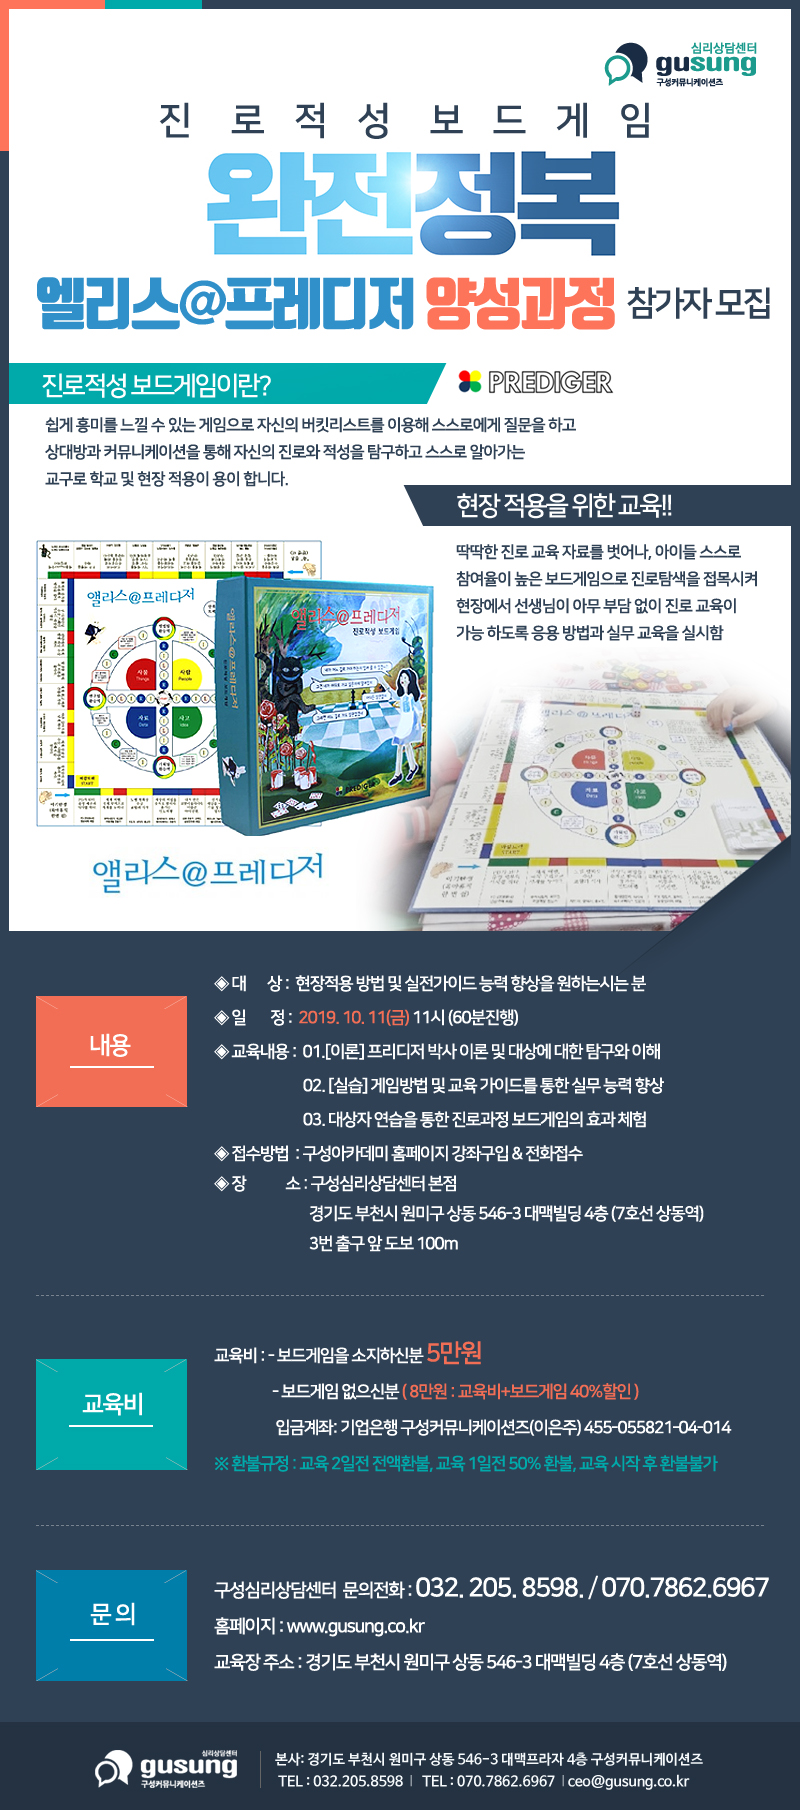 진로보드게임 엘리스프레디저 양성과정 기획안10월.jpg